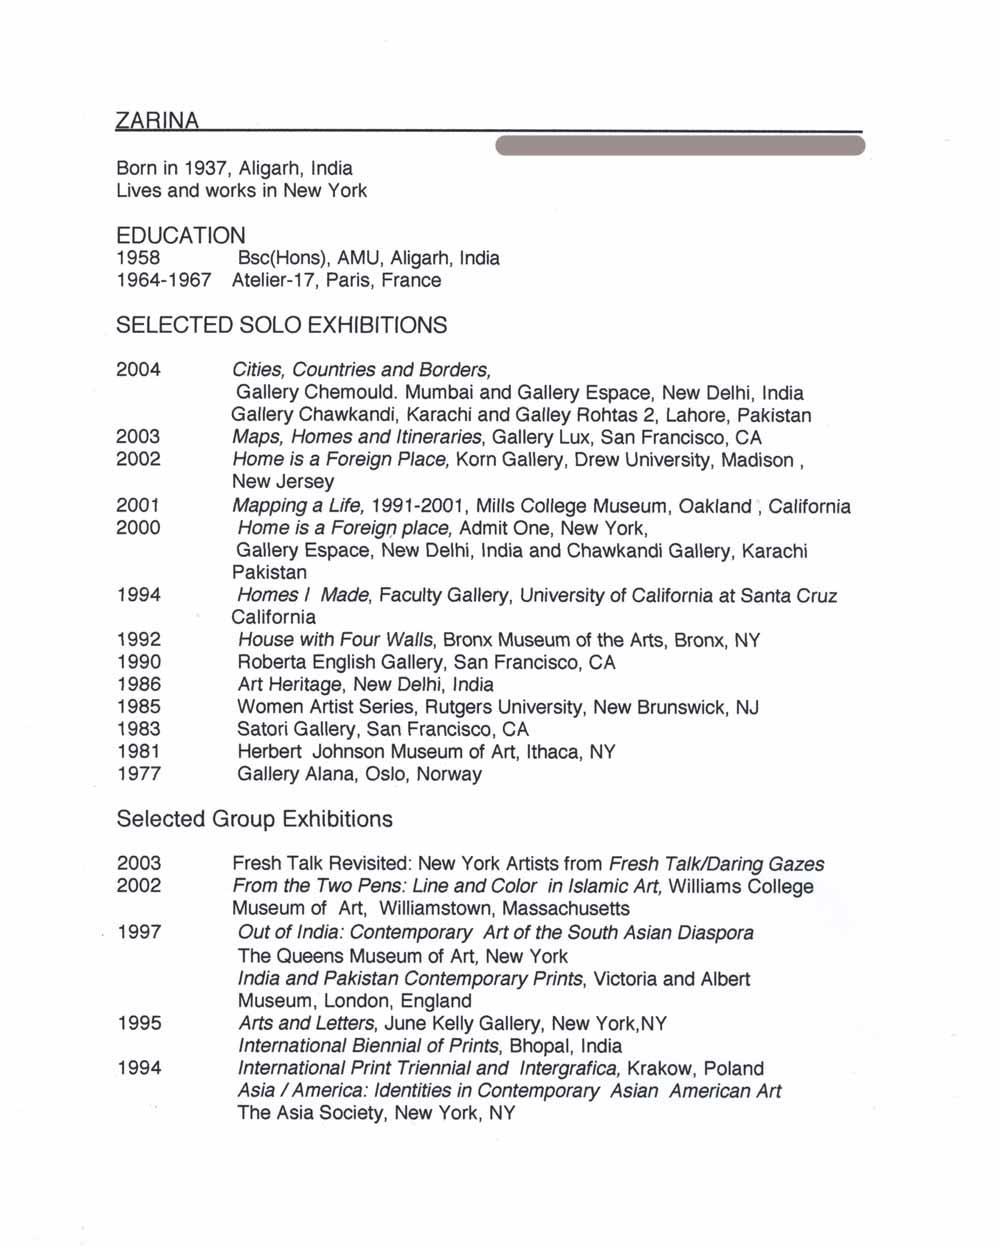 Zarina Hashimi's resume, pg 1